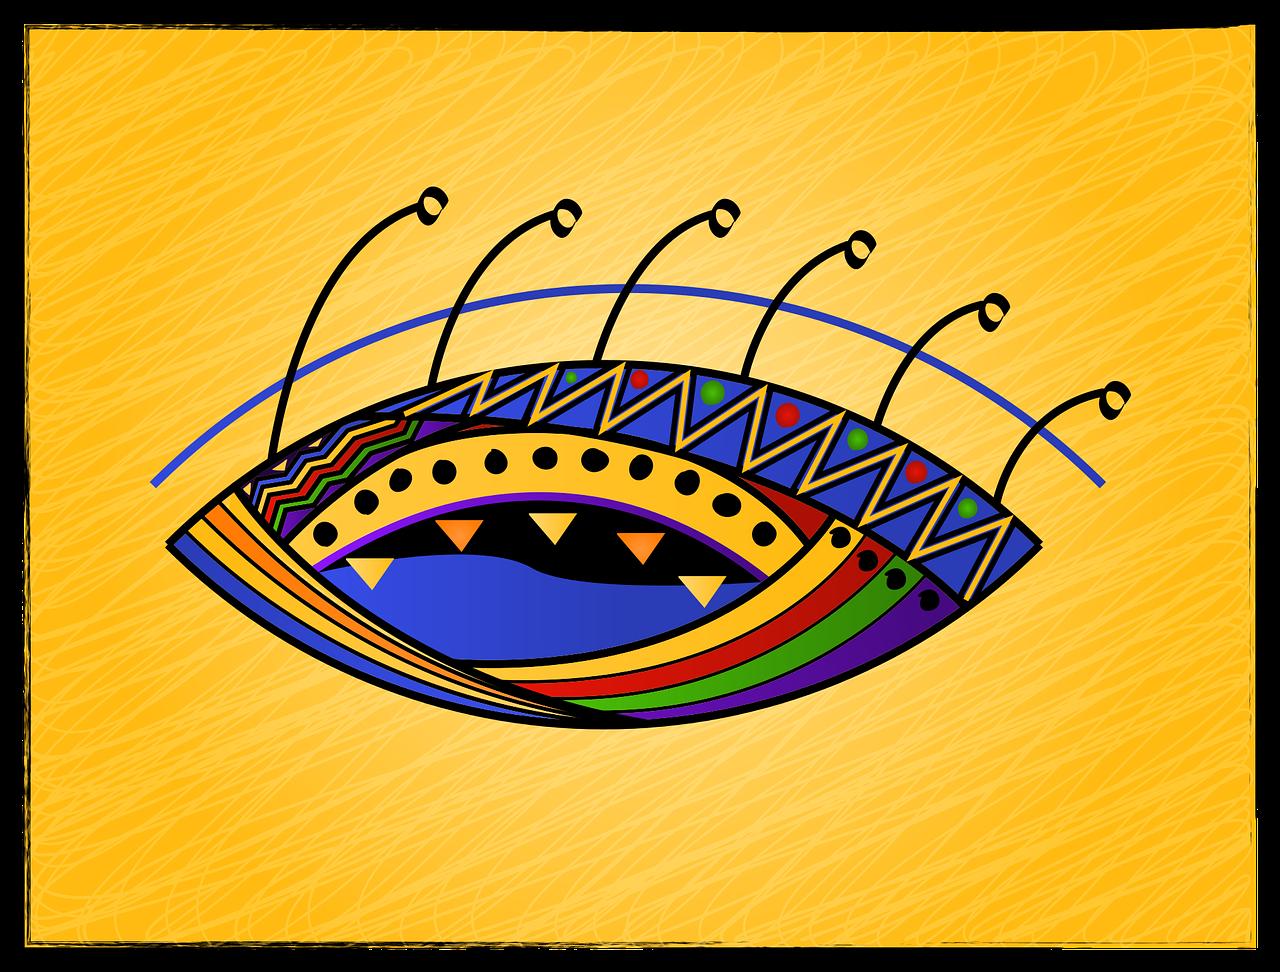 eye-1447938_1280